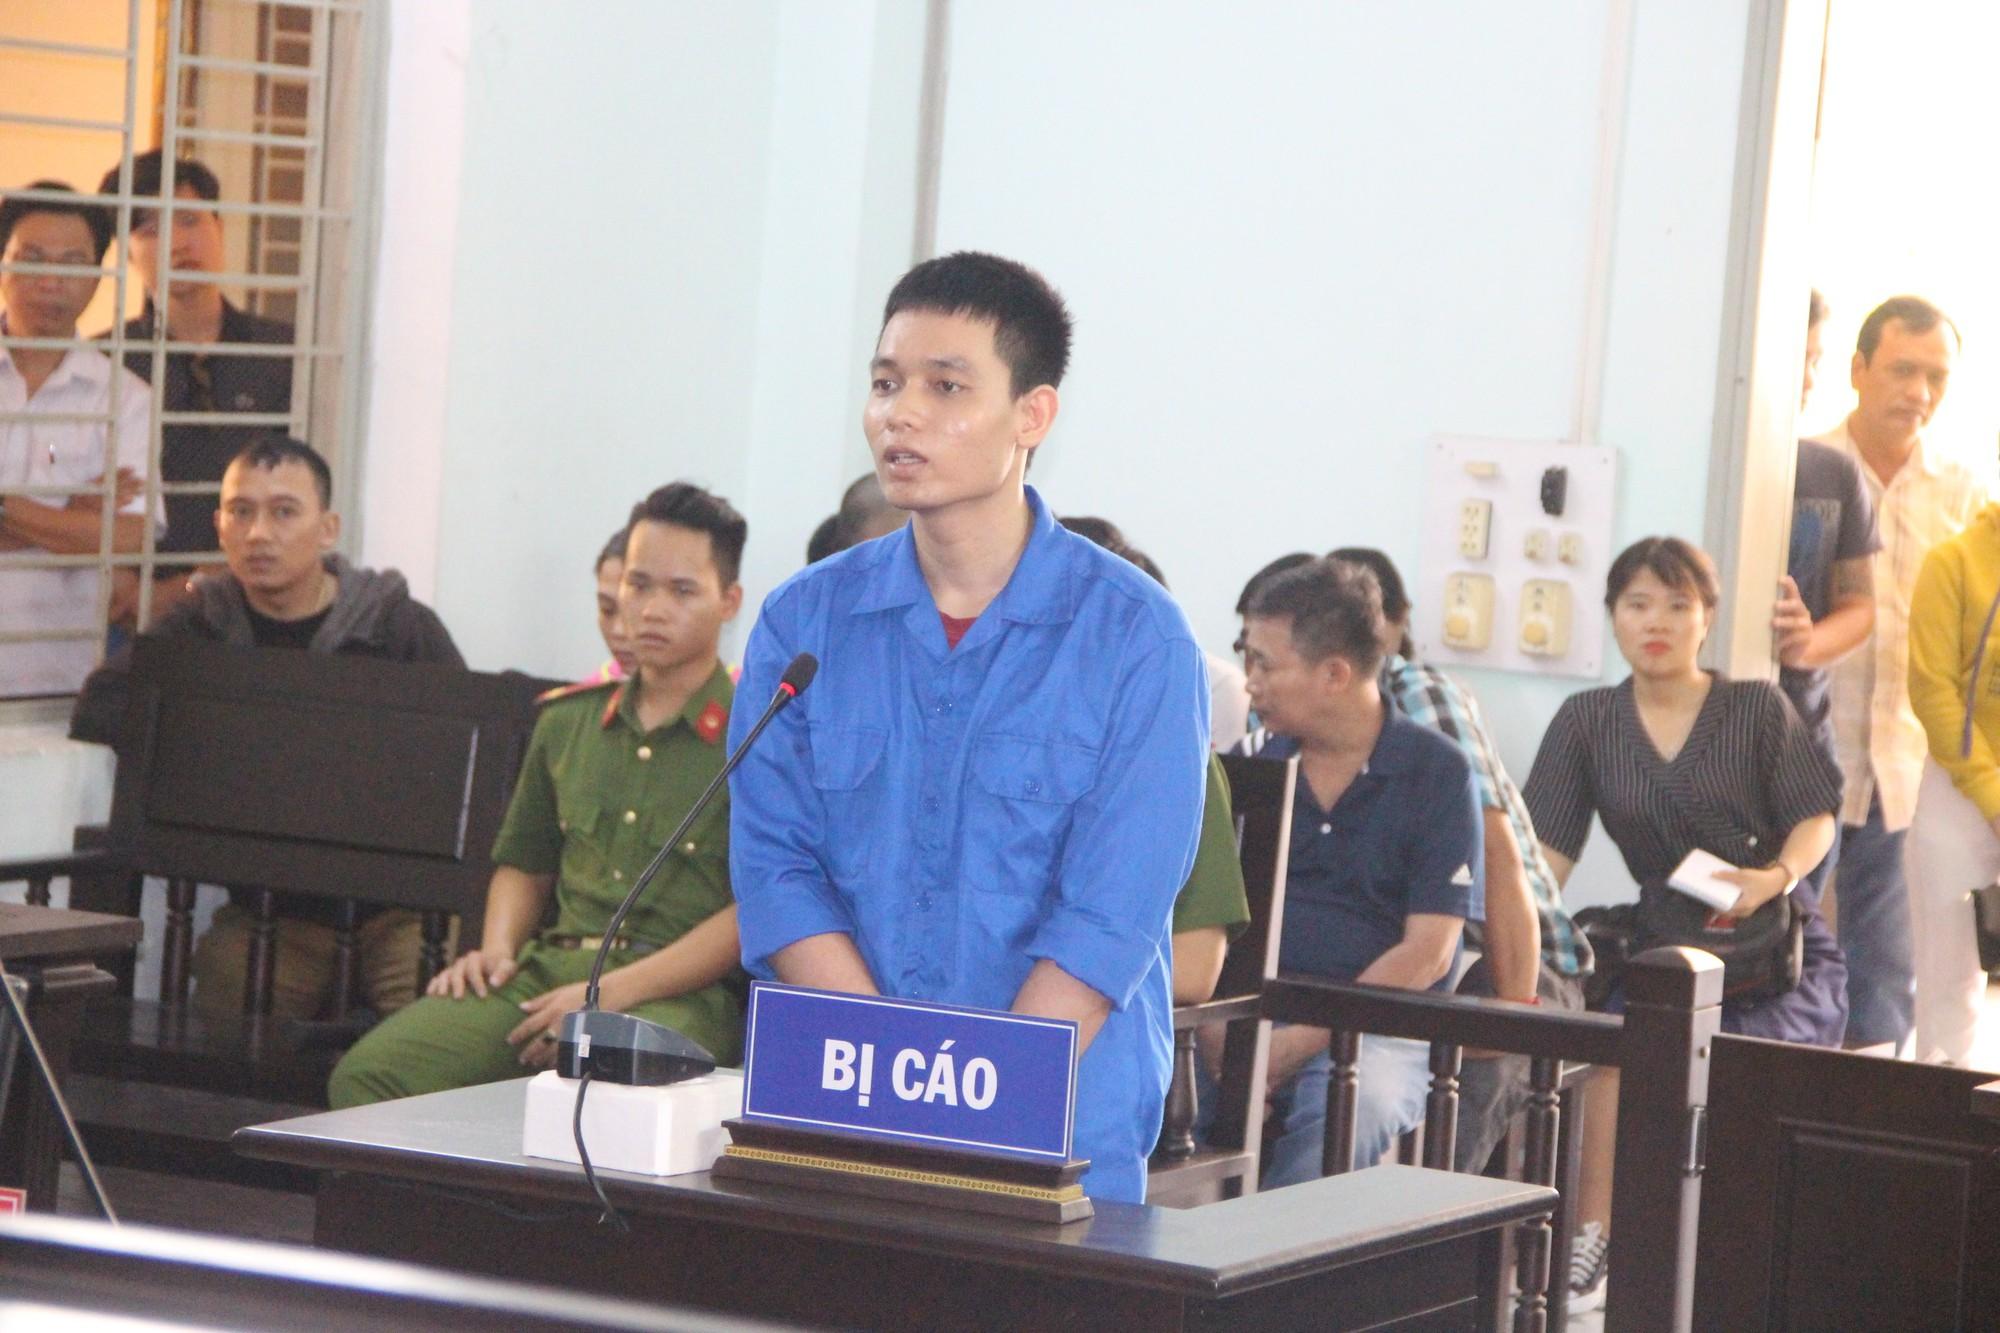 Cựu thiếu úy công an tạt axit vợ sắp cưới vì cuồng ghen ở Đà Nẵng lãnh án 6 năm tù-1